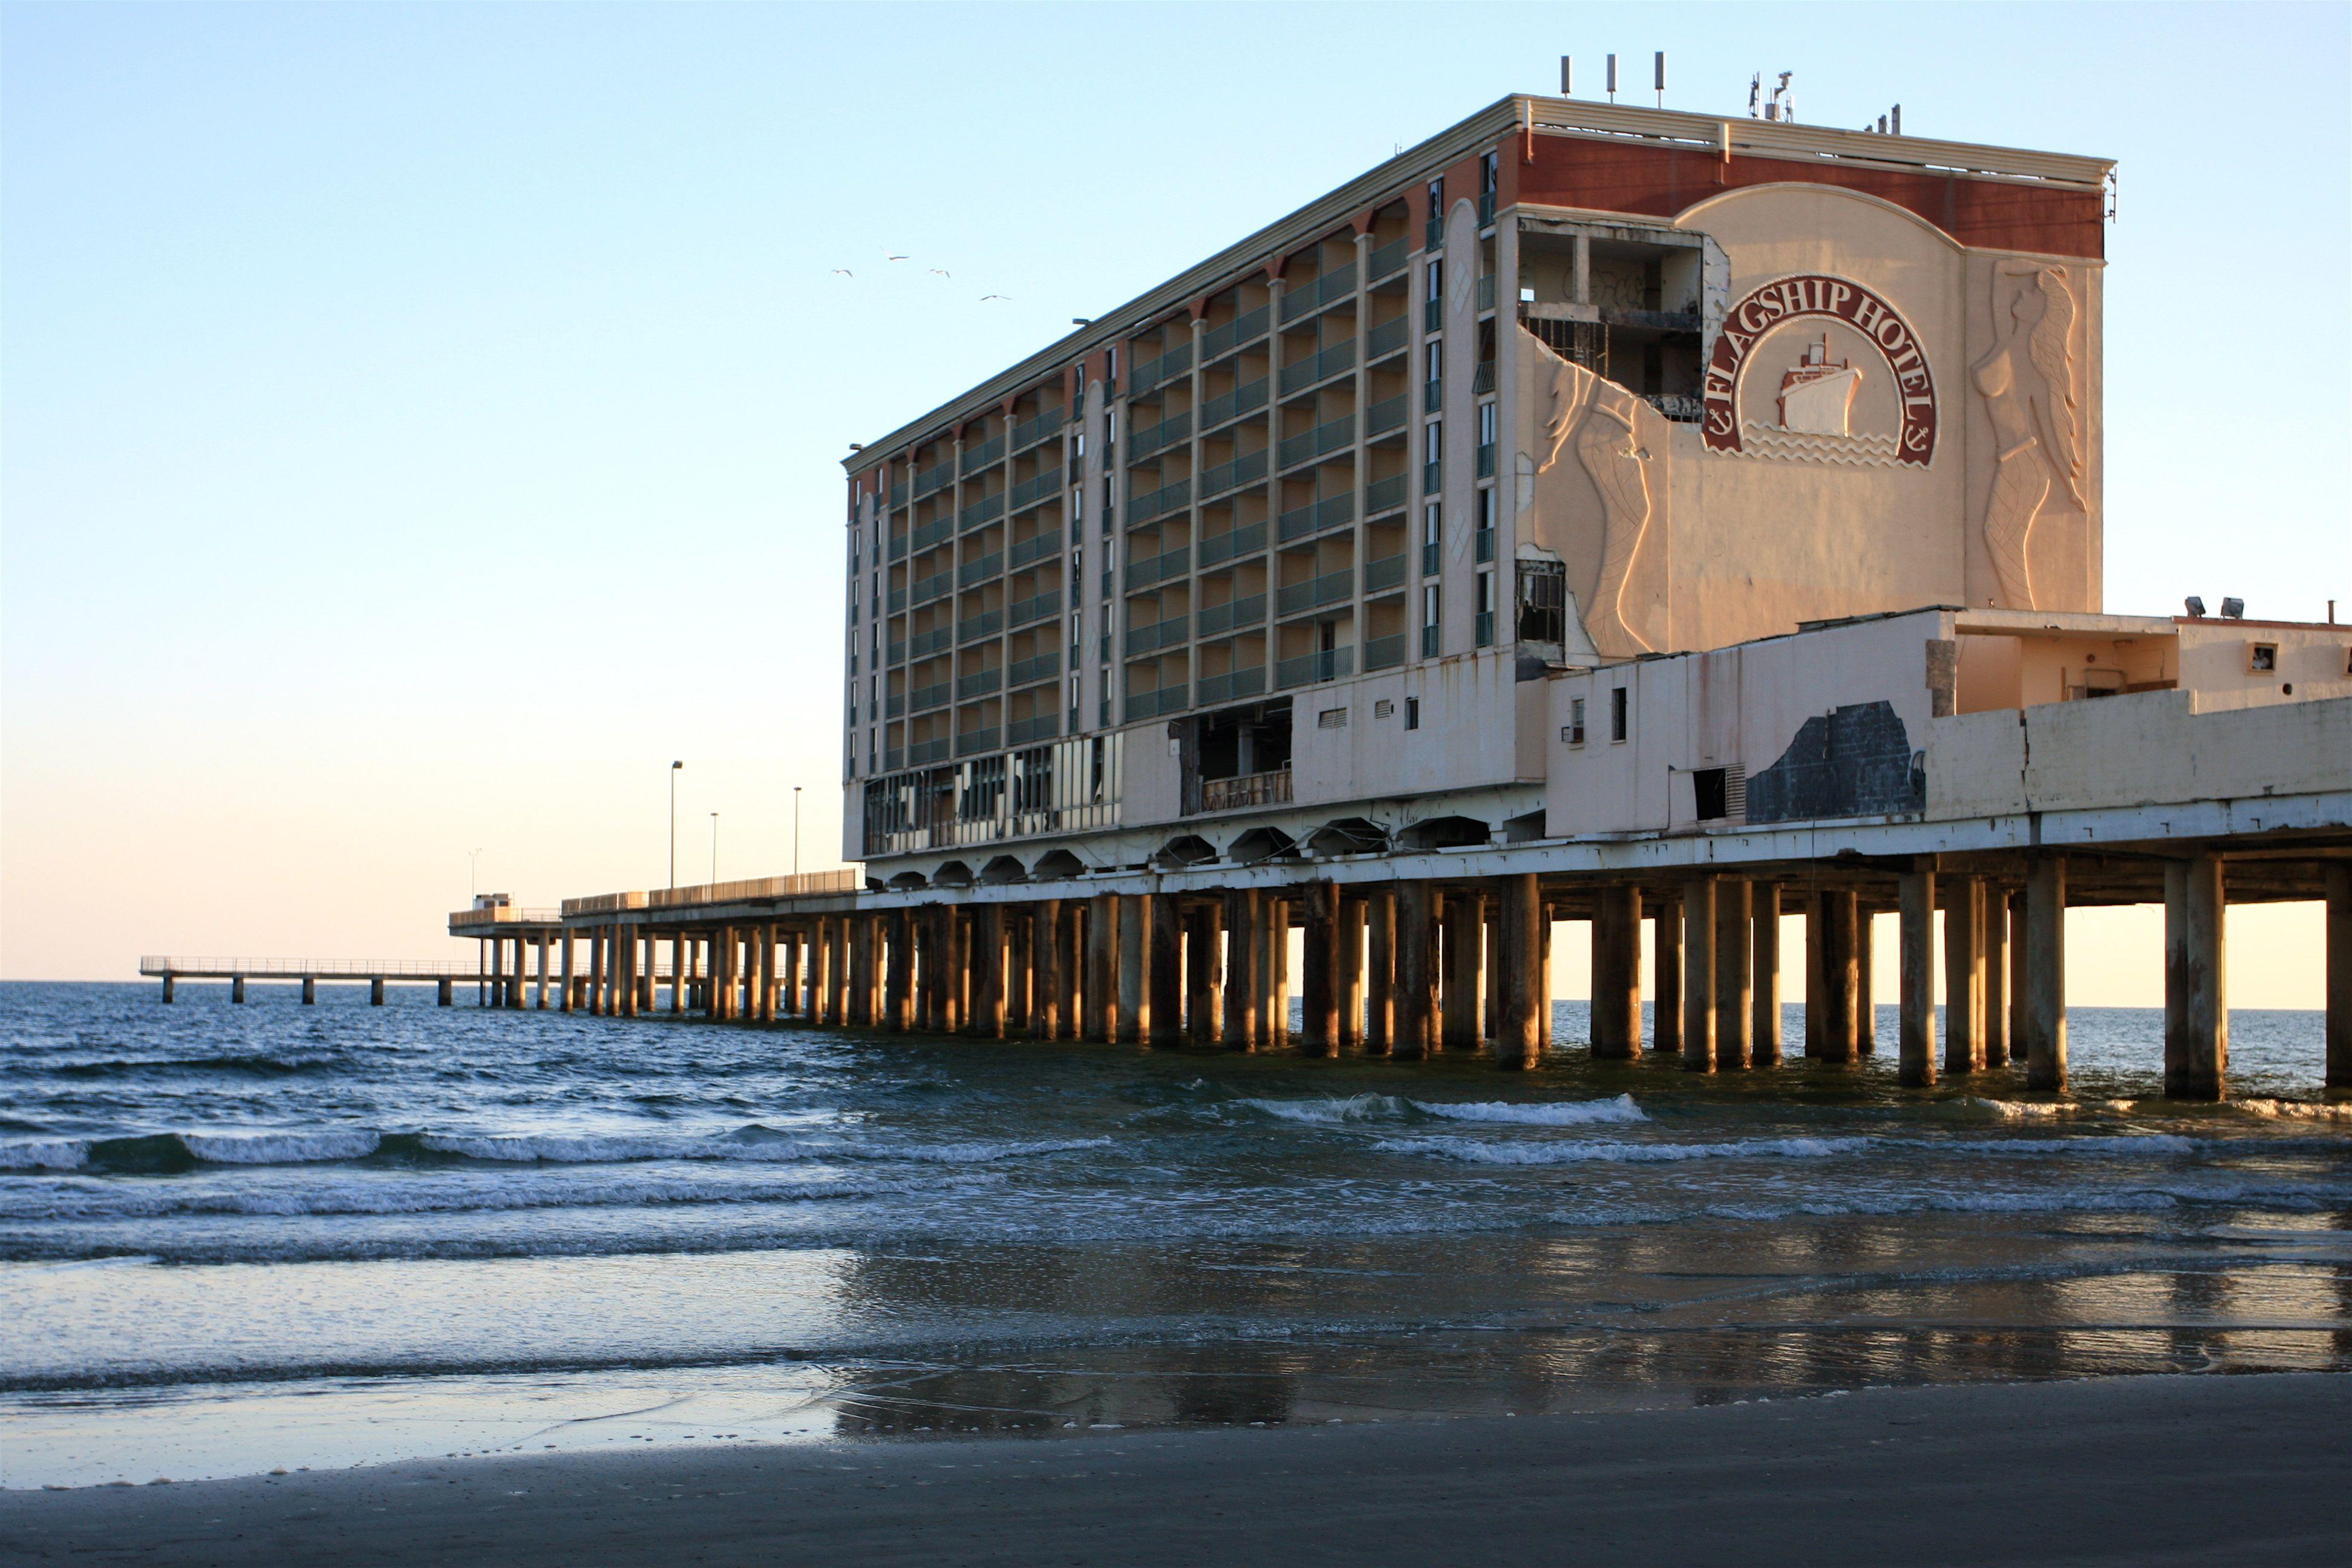 Abandoned Flagship Hotel Galveston Abandoned Places Galveston Abandoned